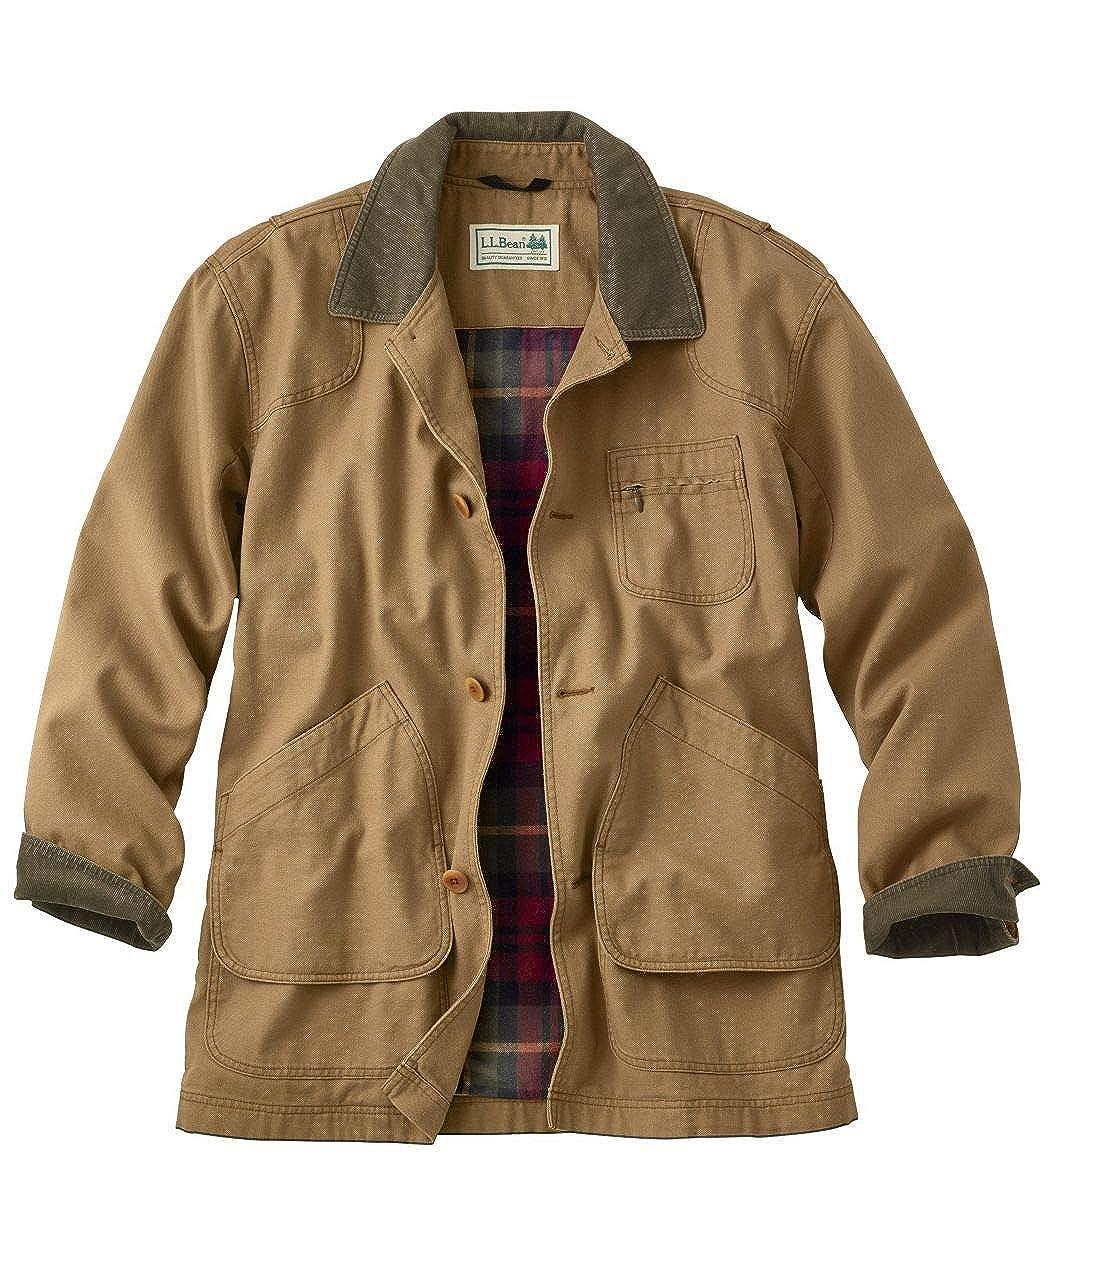 L.L.Bean - メンズ オリジナル・フィールド・コート